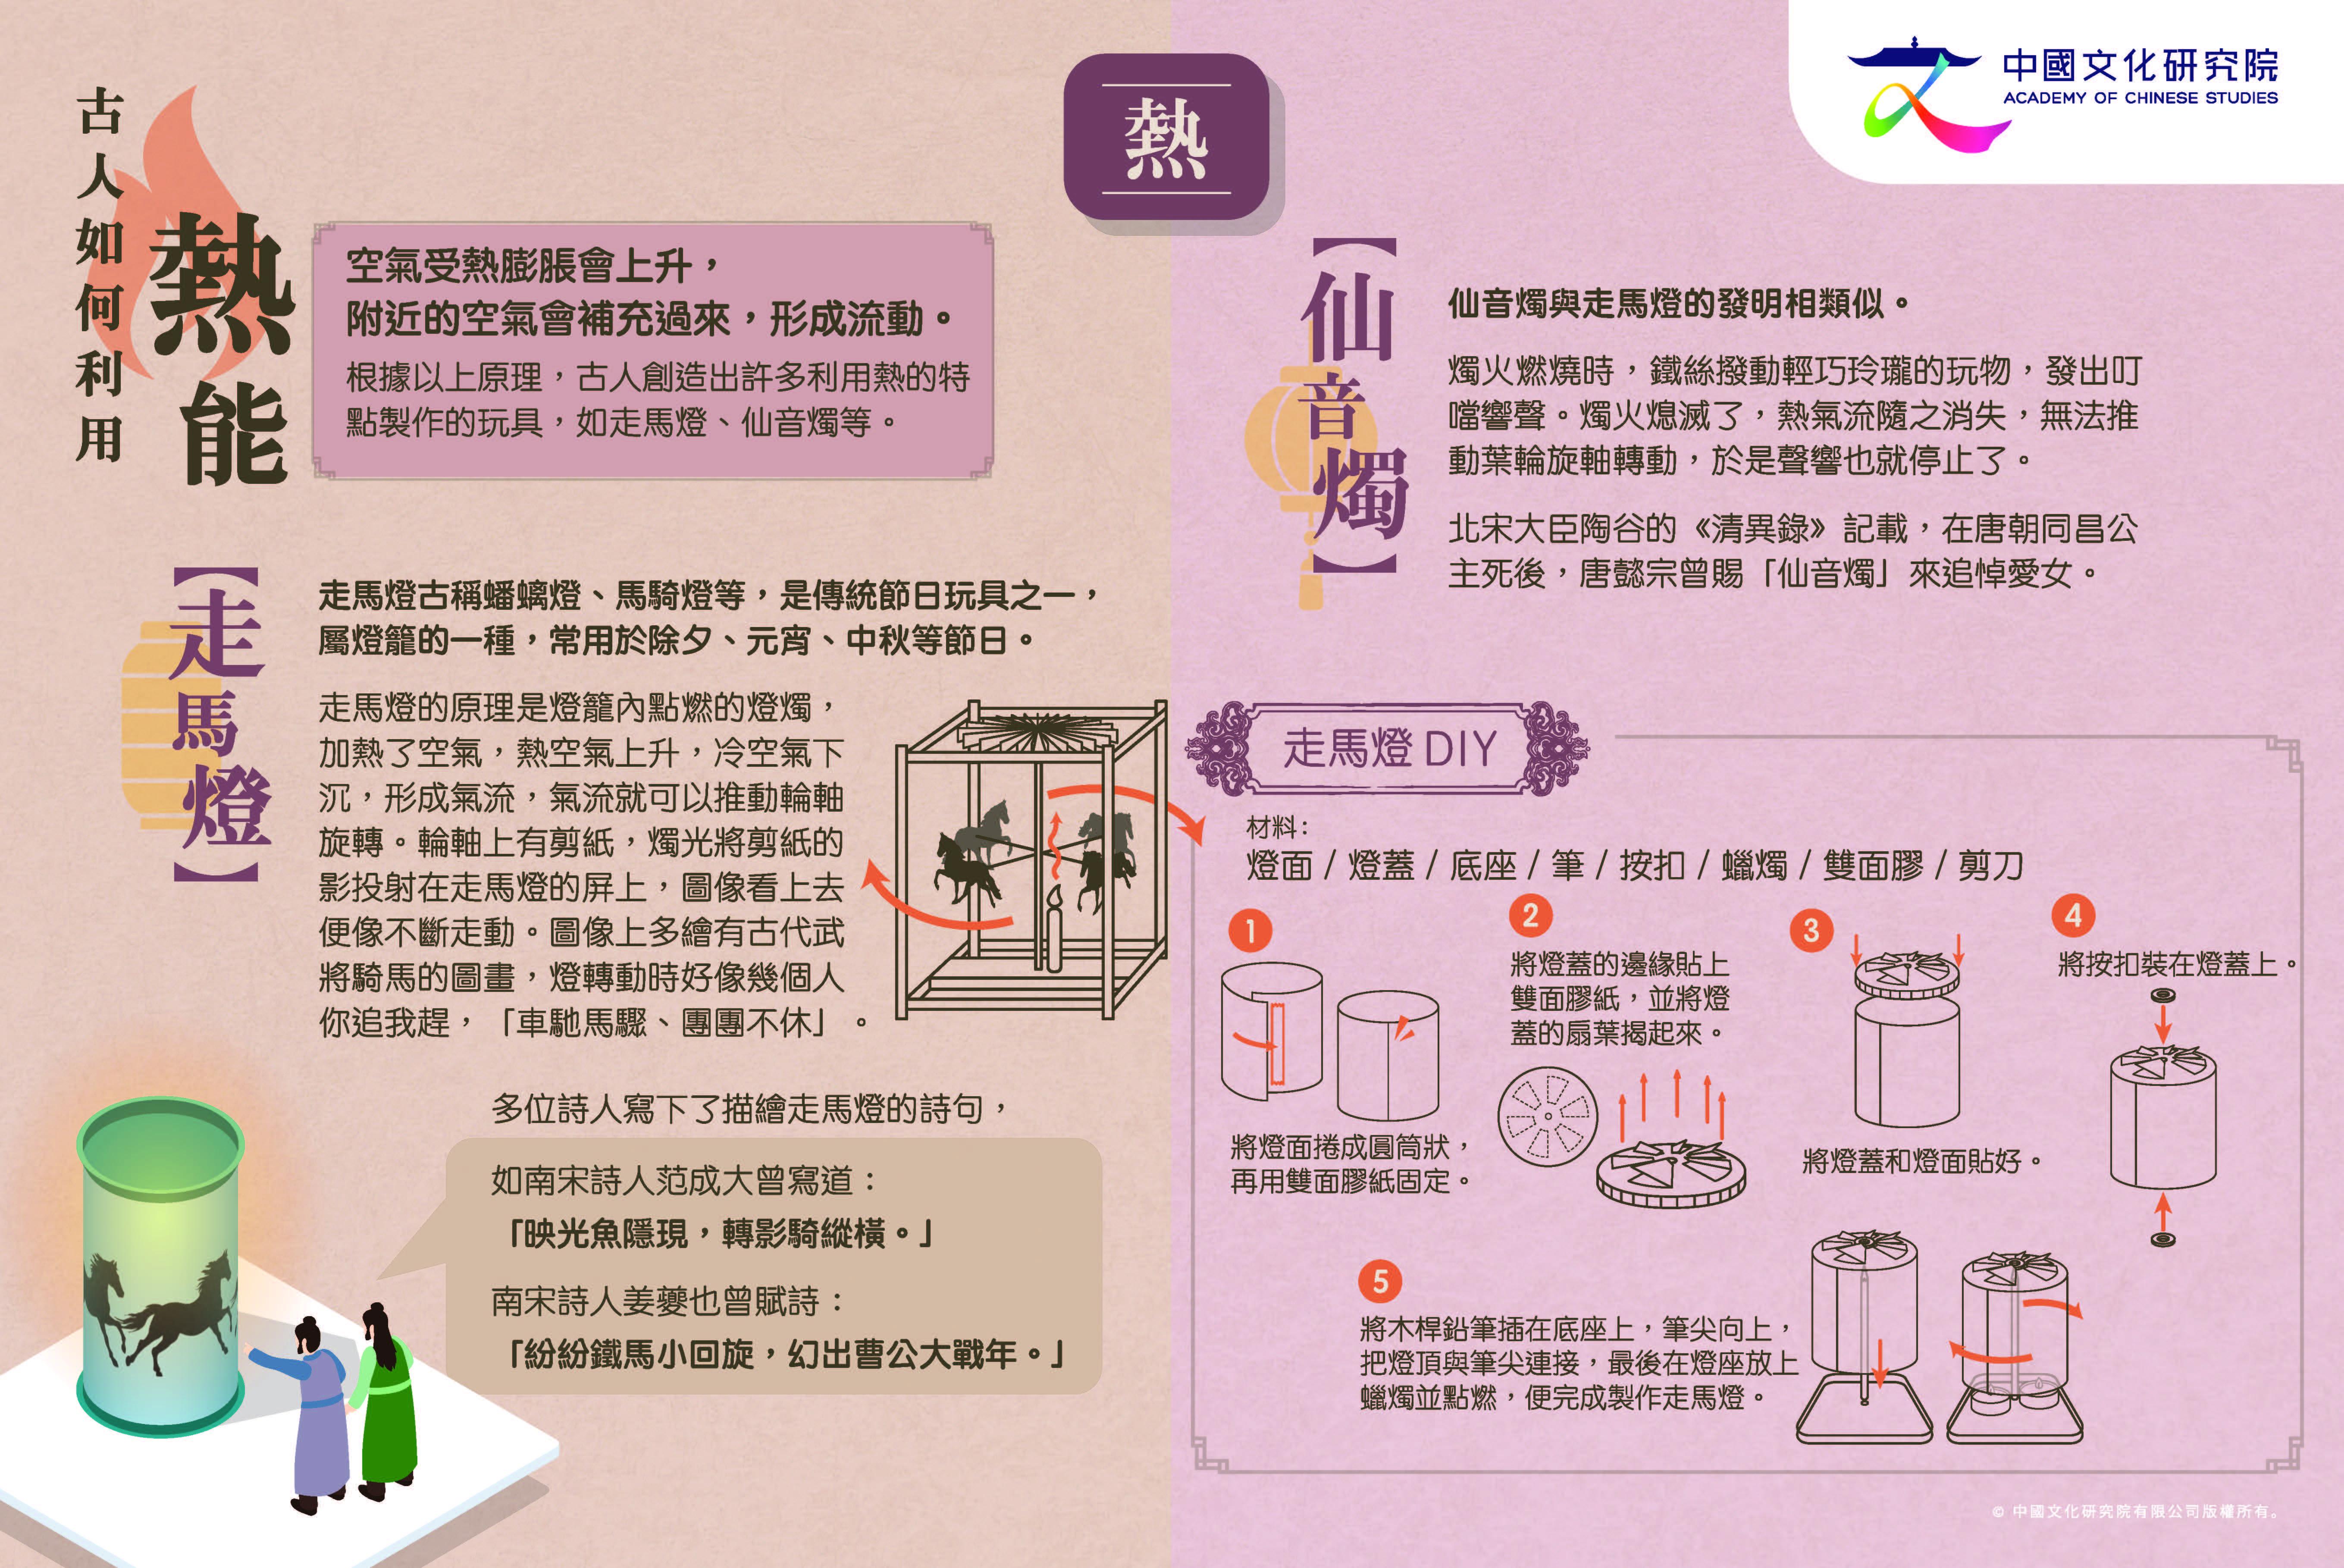 zhongguogudaikexuejishu_zhongxueban1-4_compressed_page_4